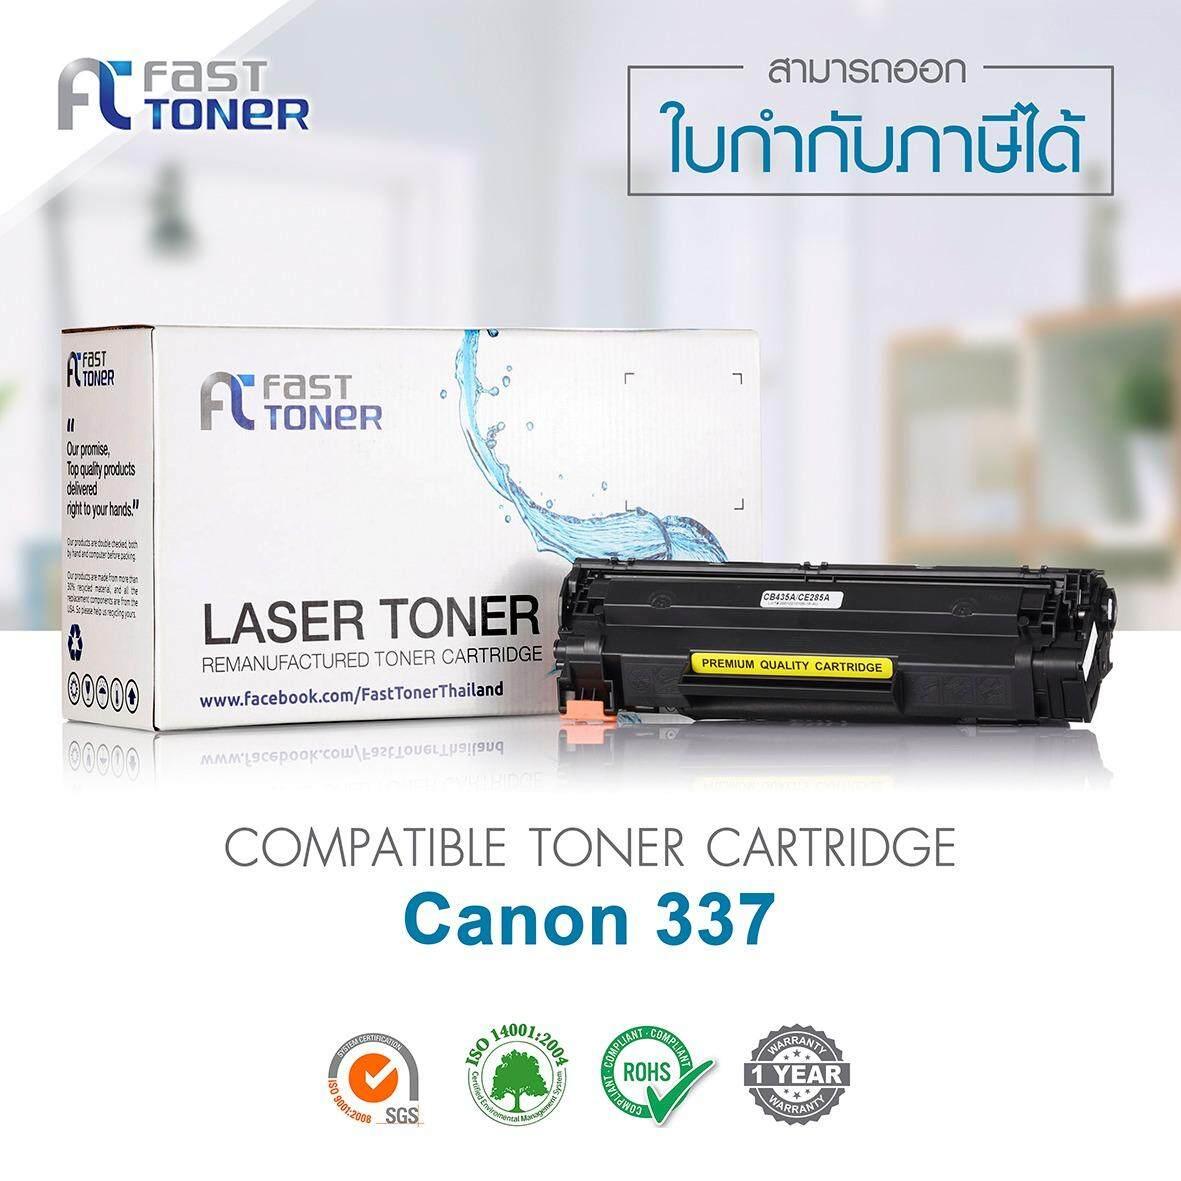 ขาย Fast Toner ตลับหมึกเทียบเท่า Canon 337 Bk ใช้กับปริ้นเตอร์ Canon Mf210 Mf211 Mf212W Mf221D Mf215 Mf217W Mf220 Mf226Dn Mf232W 235 Mf237W Mf241D Mf244Dw Mf246Dn Mf249Dw ถูก